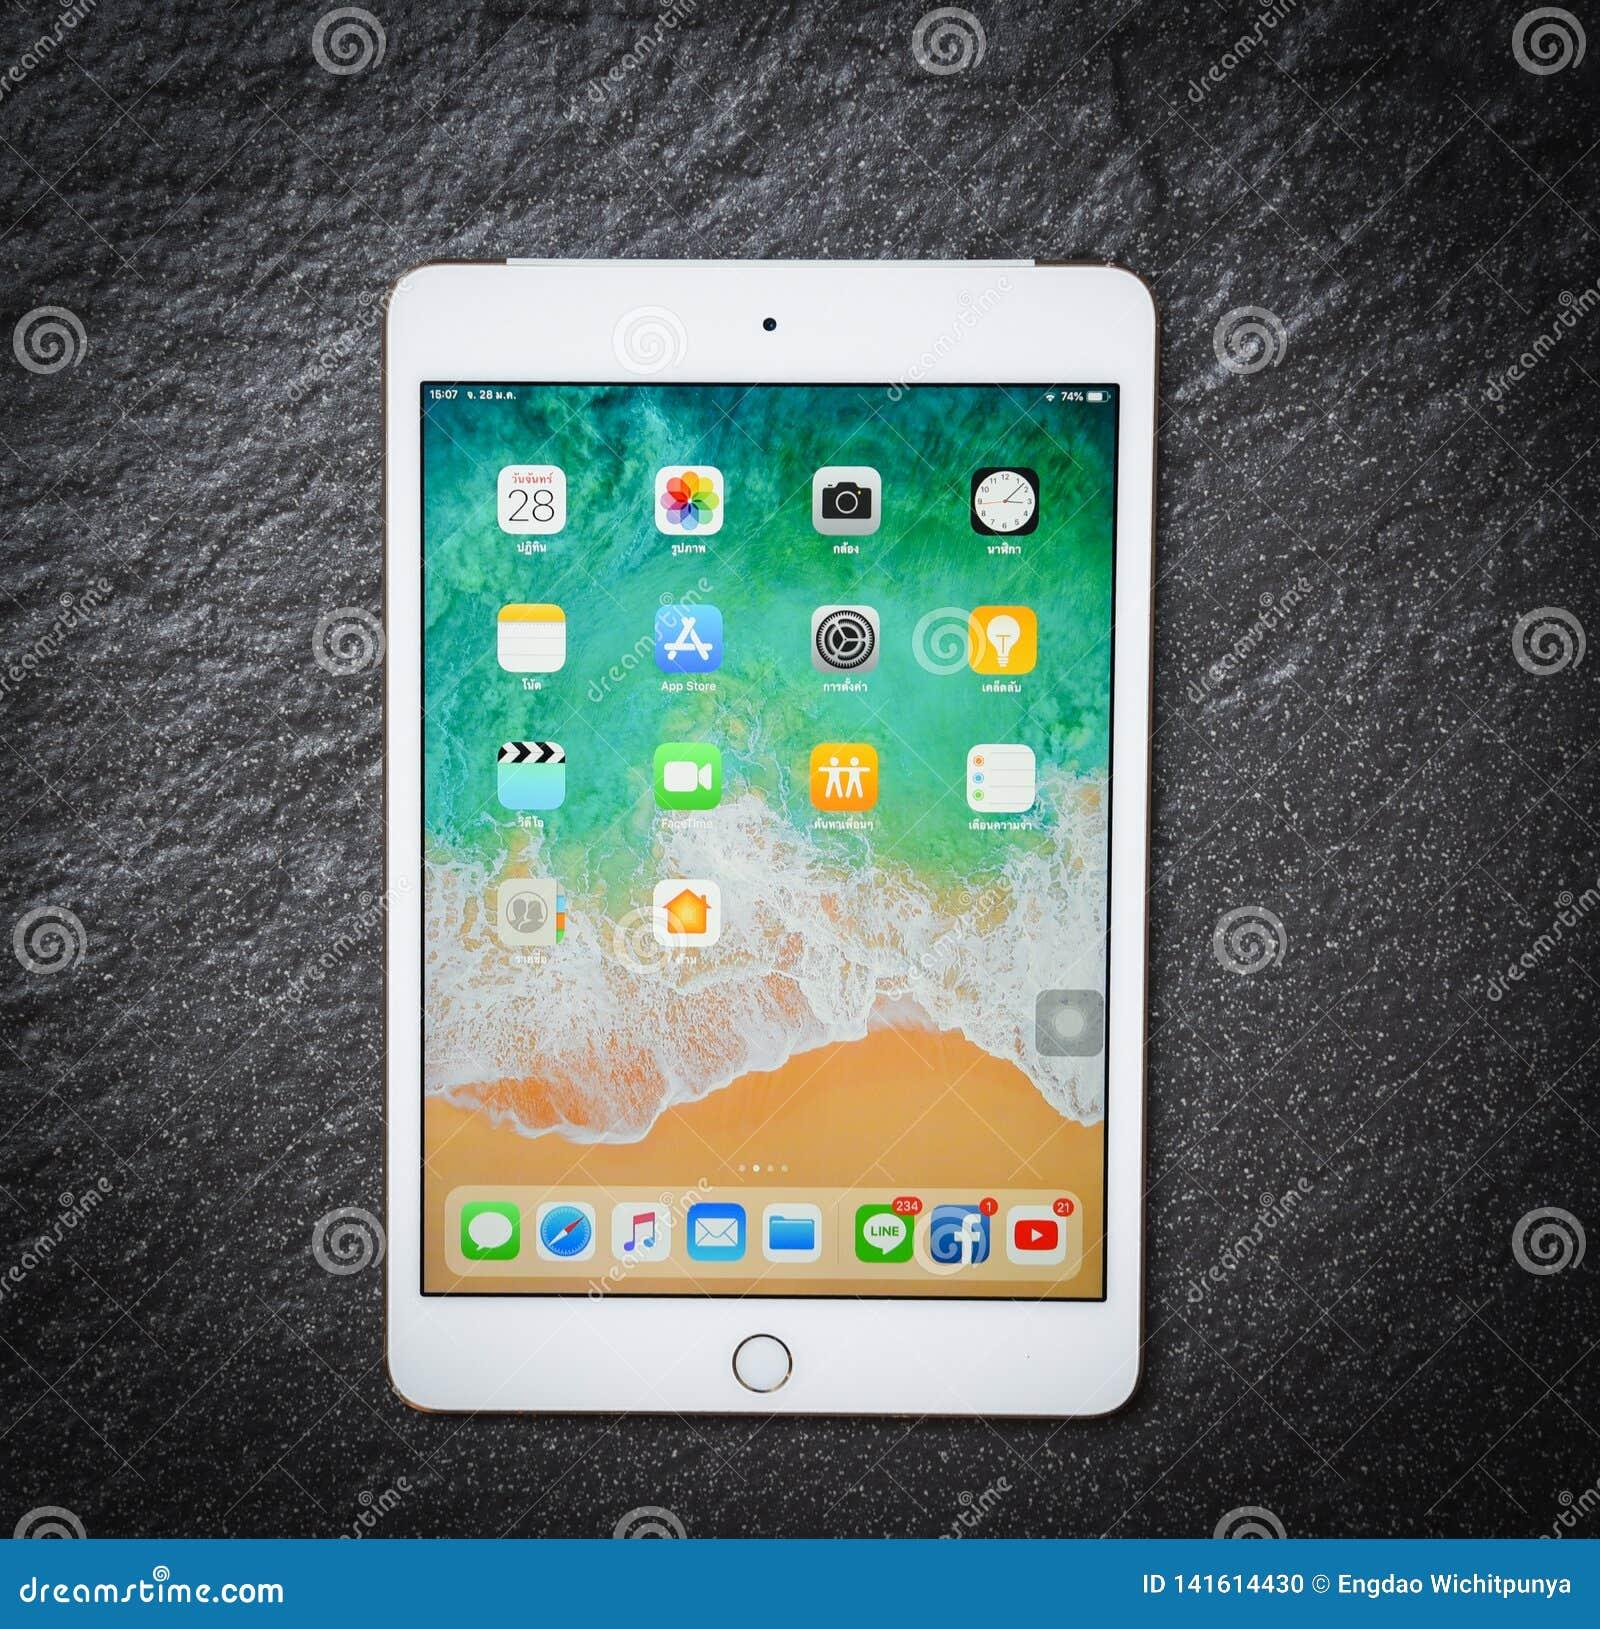 Ταμπλετών μίνι άσπρο χρυσό χρώμα της Apple υπολογιστών νέο iPad με το μέτωπο οθόνης επίδειξης στο σκοτεινό υπόβαθρο